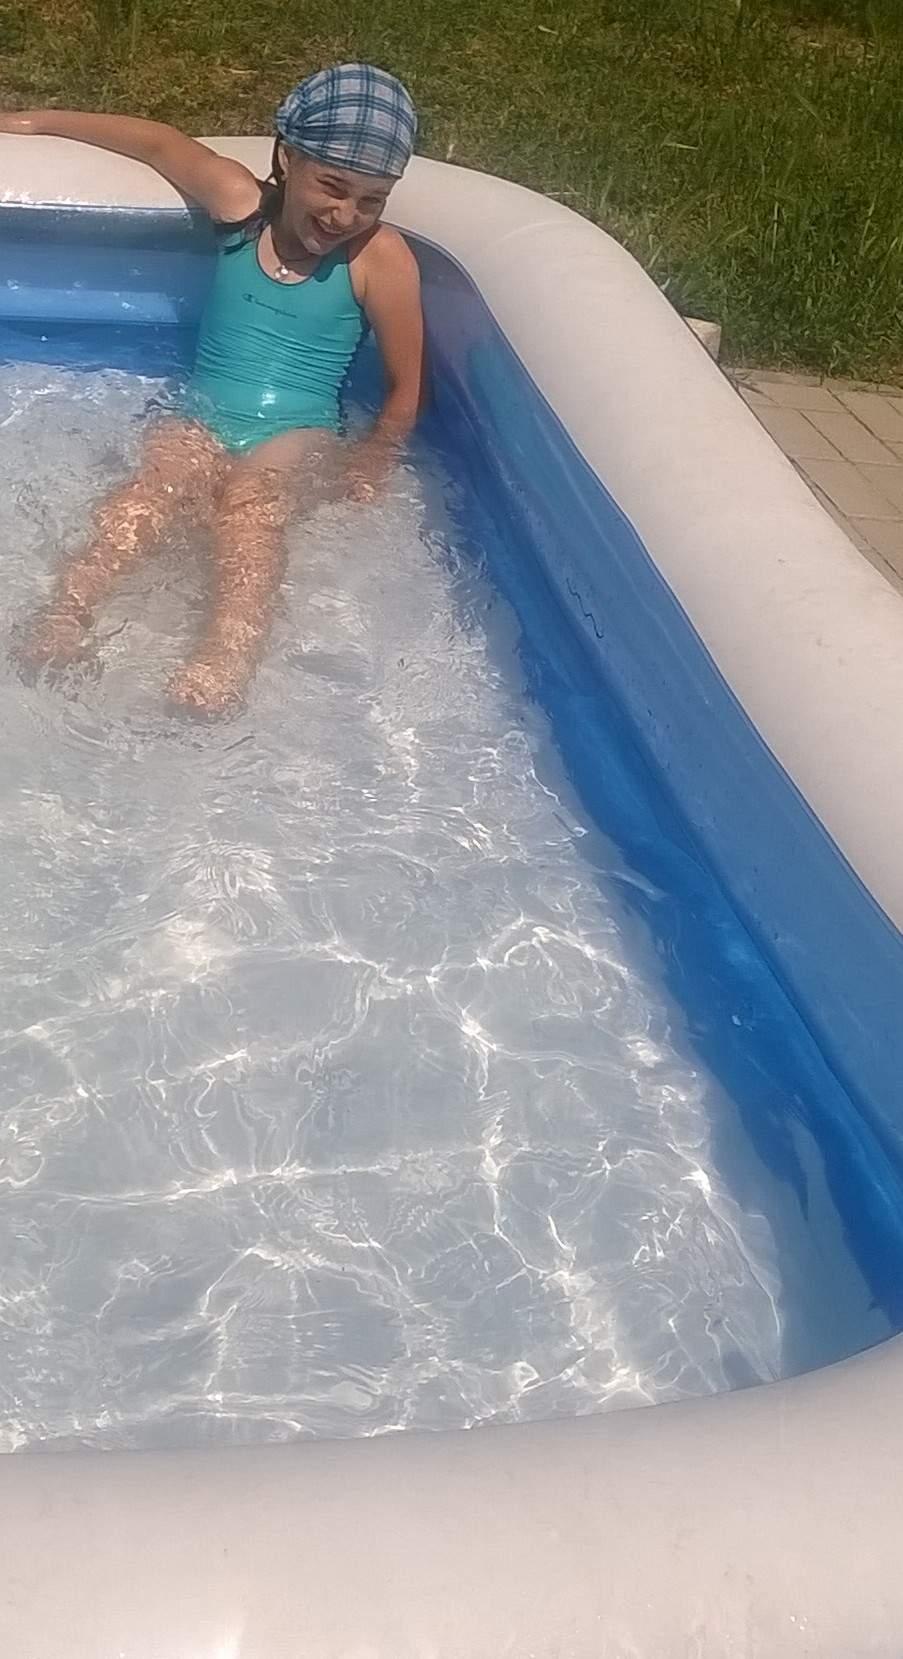 Rajce Bazen : Dětské vodní hrátky - prázdniny 2014